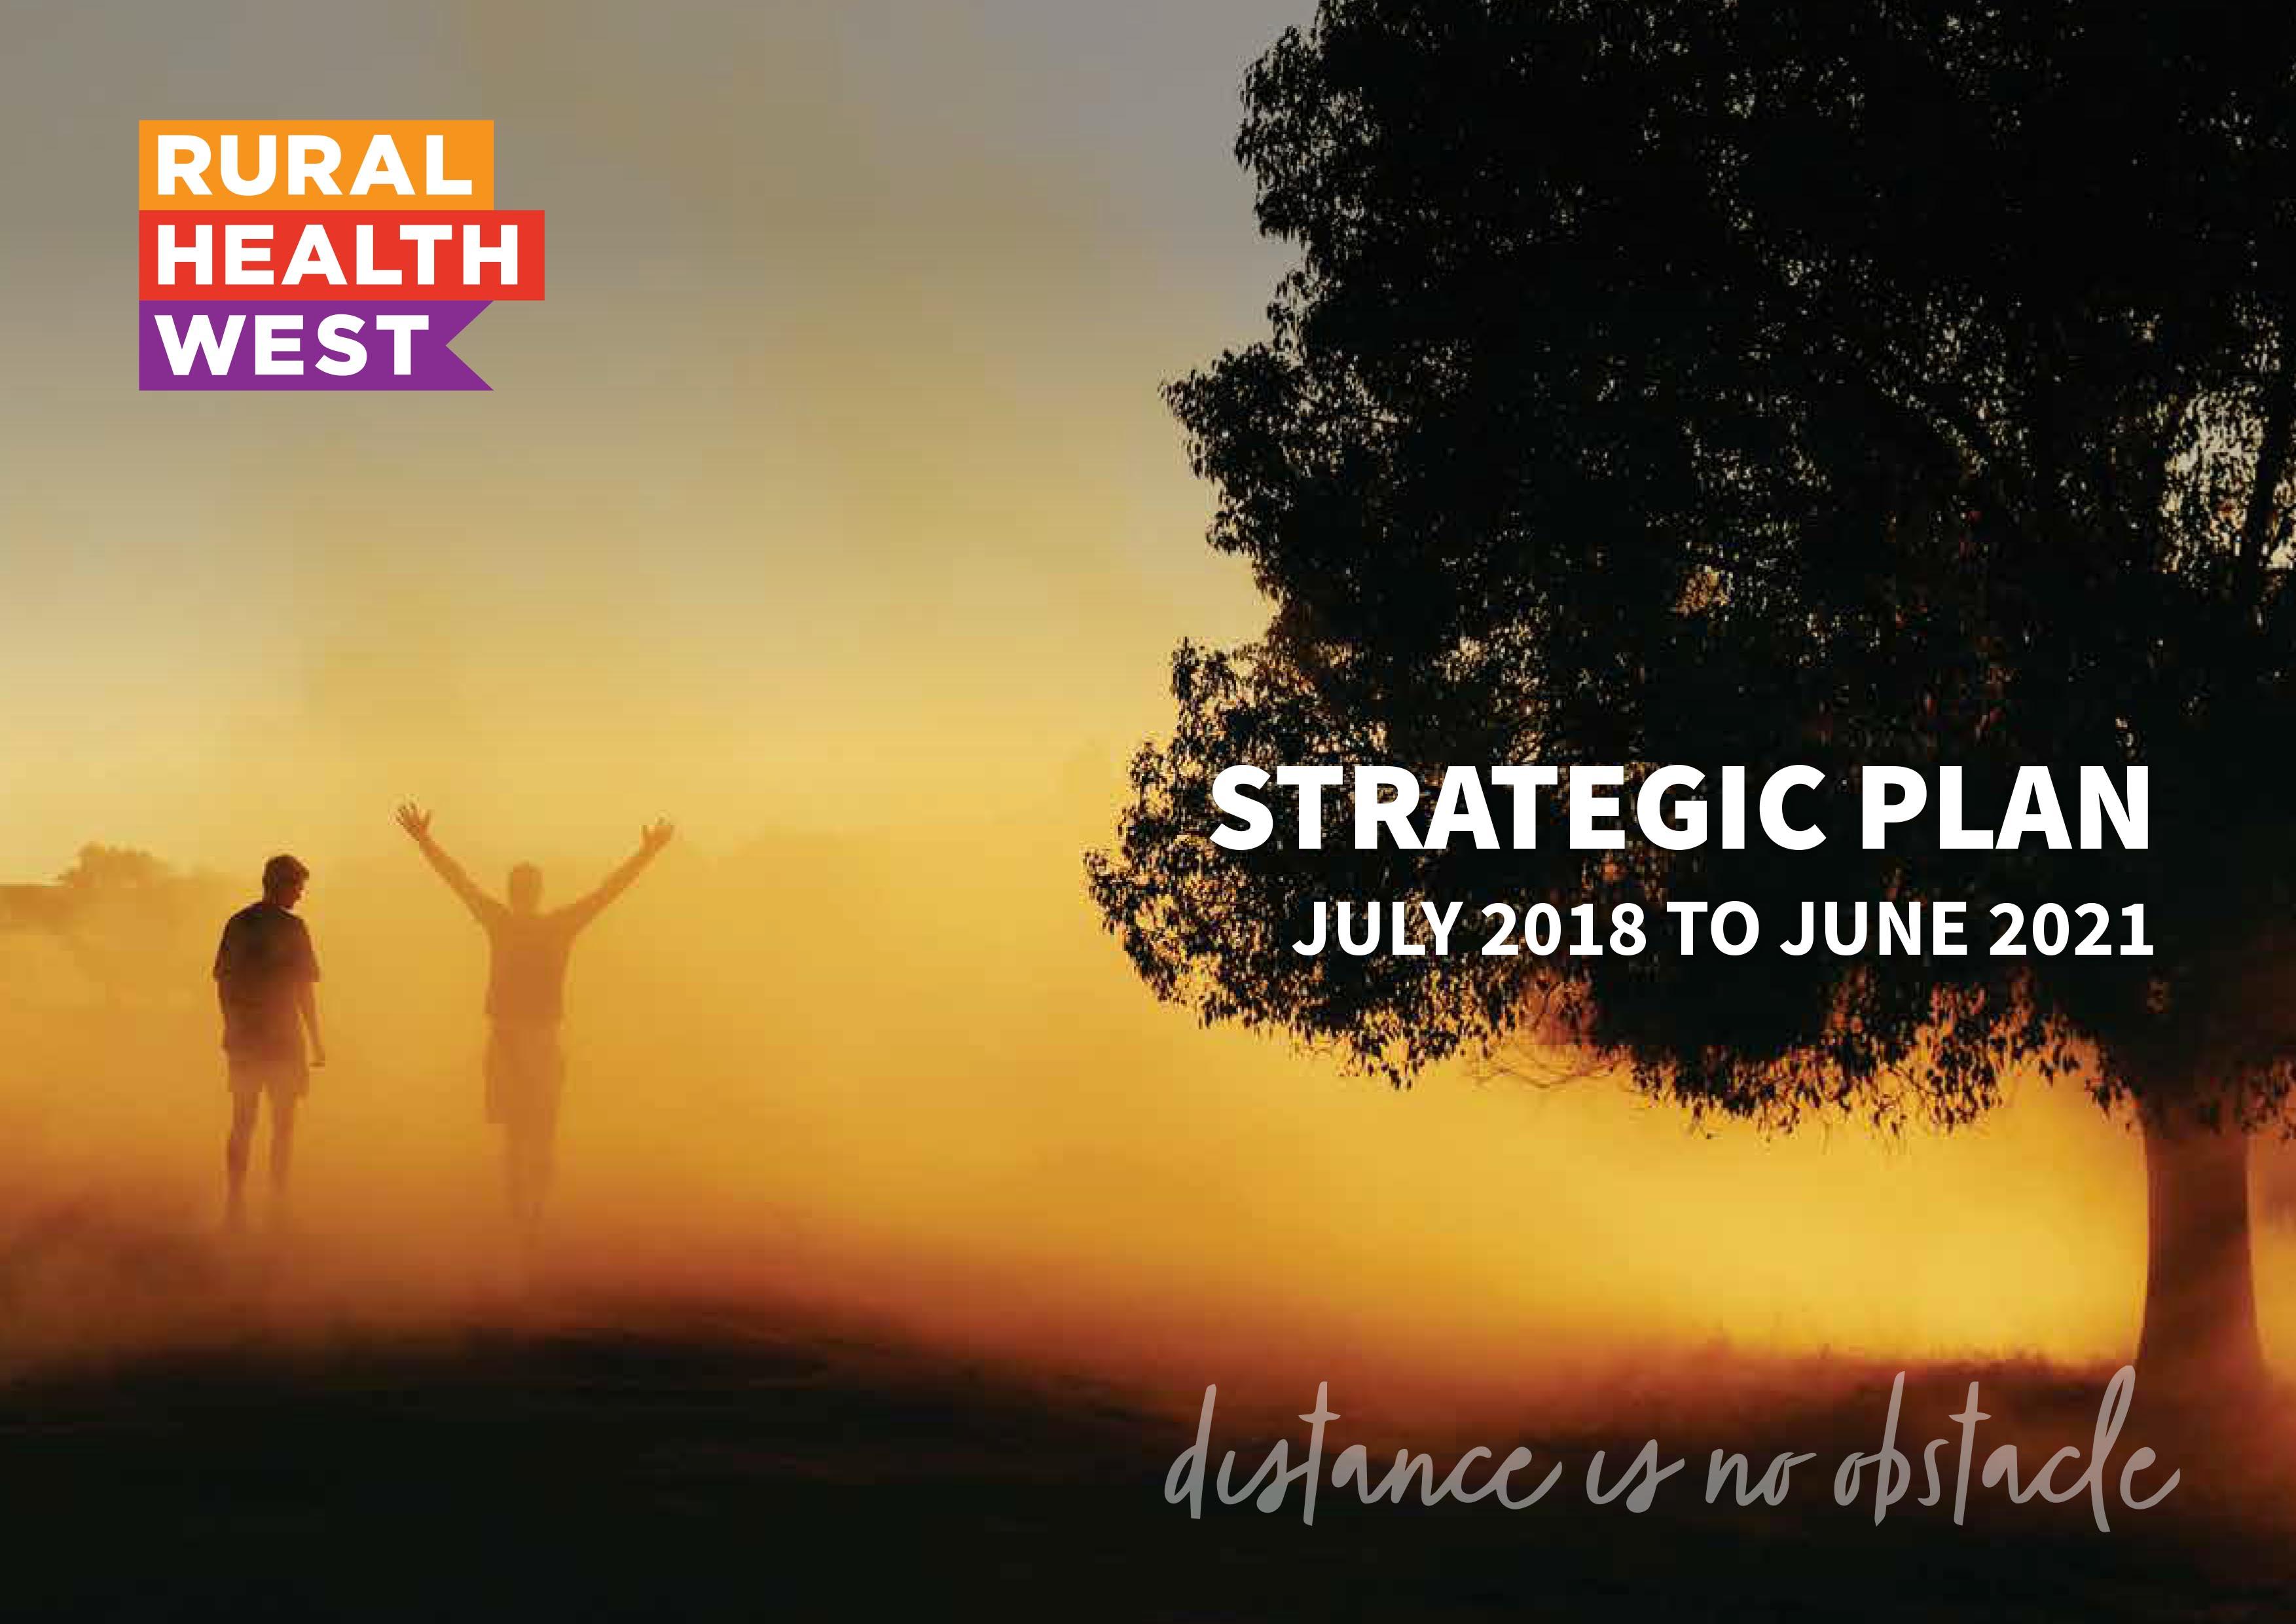 Rural West Strategic Plan 2018 to 2021